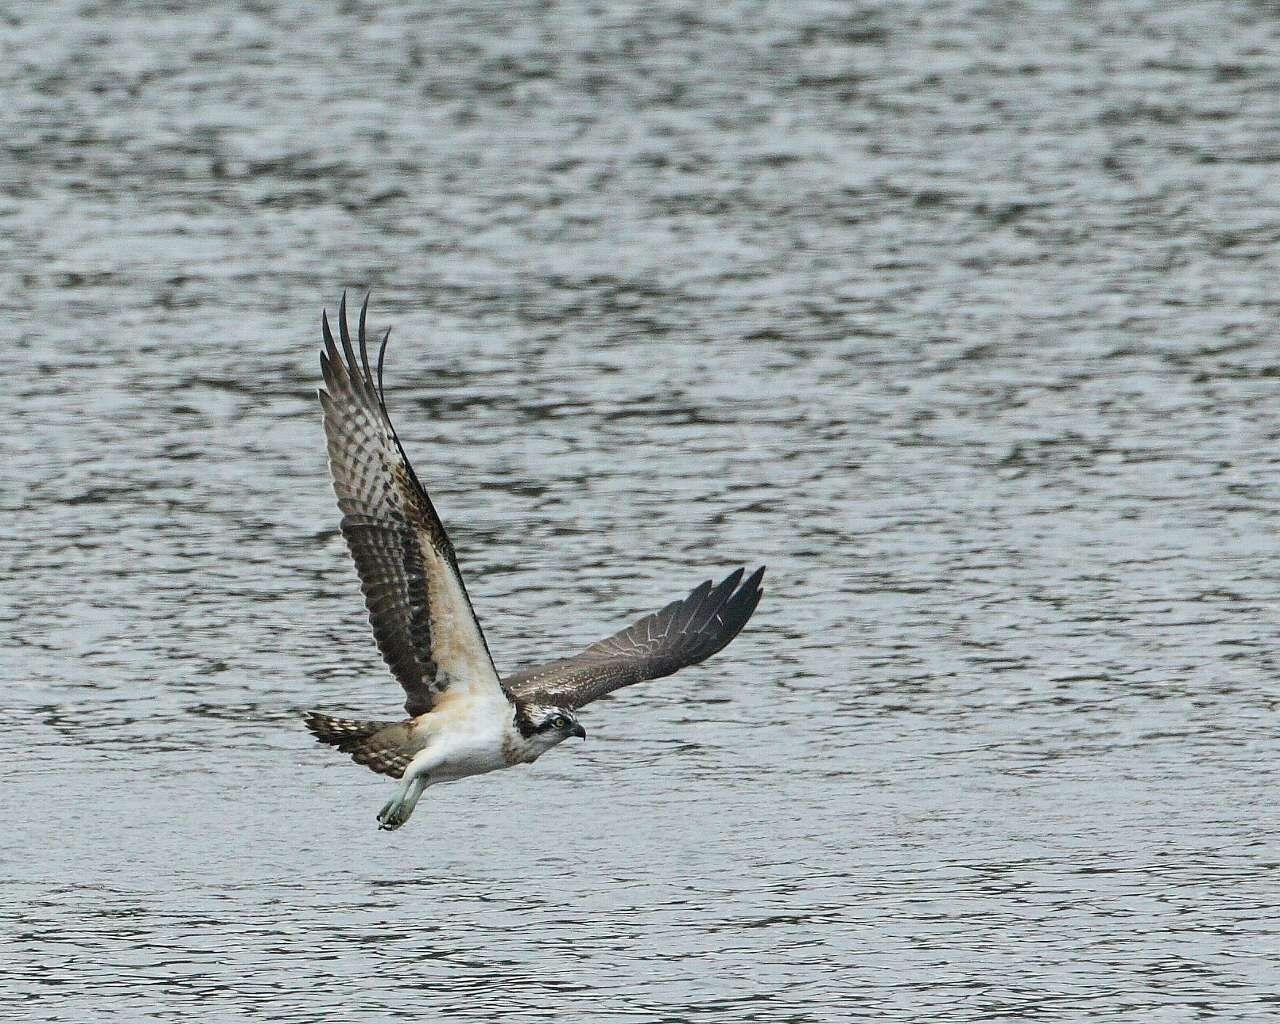 さまざまなミサゴの飛翔シーン(精悍で迫力満点の猛禽の飛び物壁紙)_f0105570_22434155.jpg